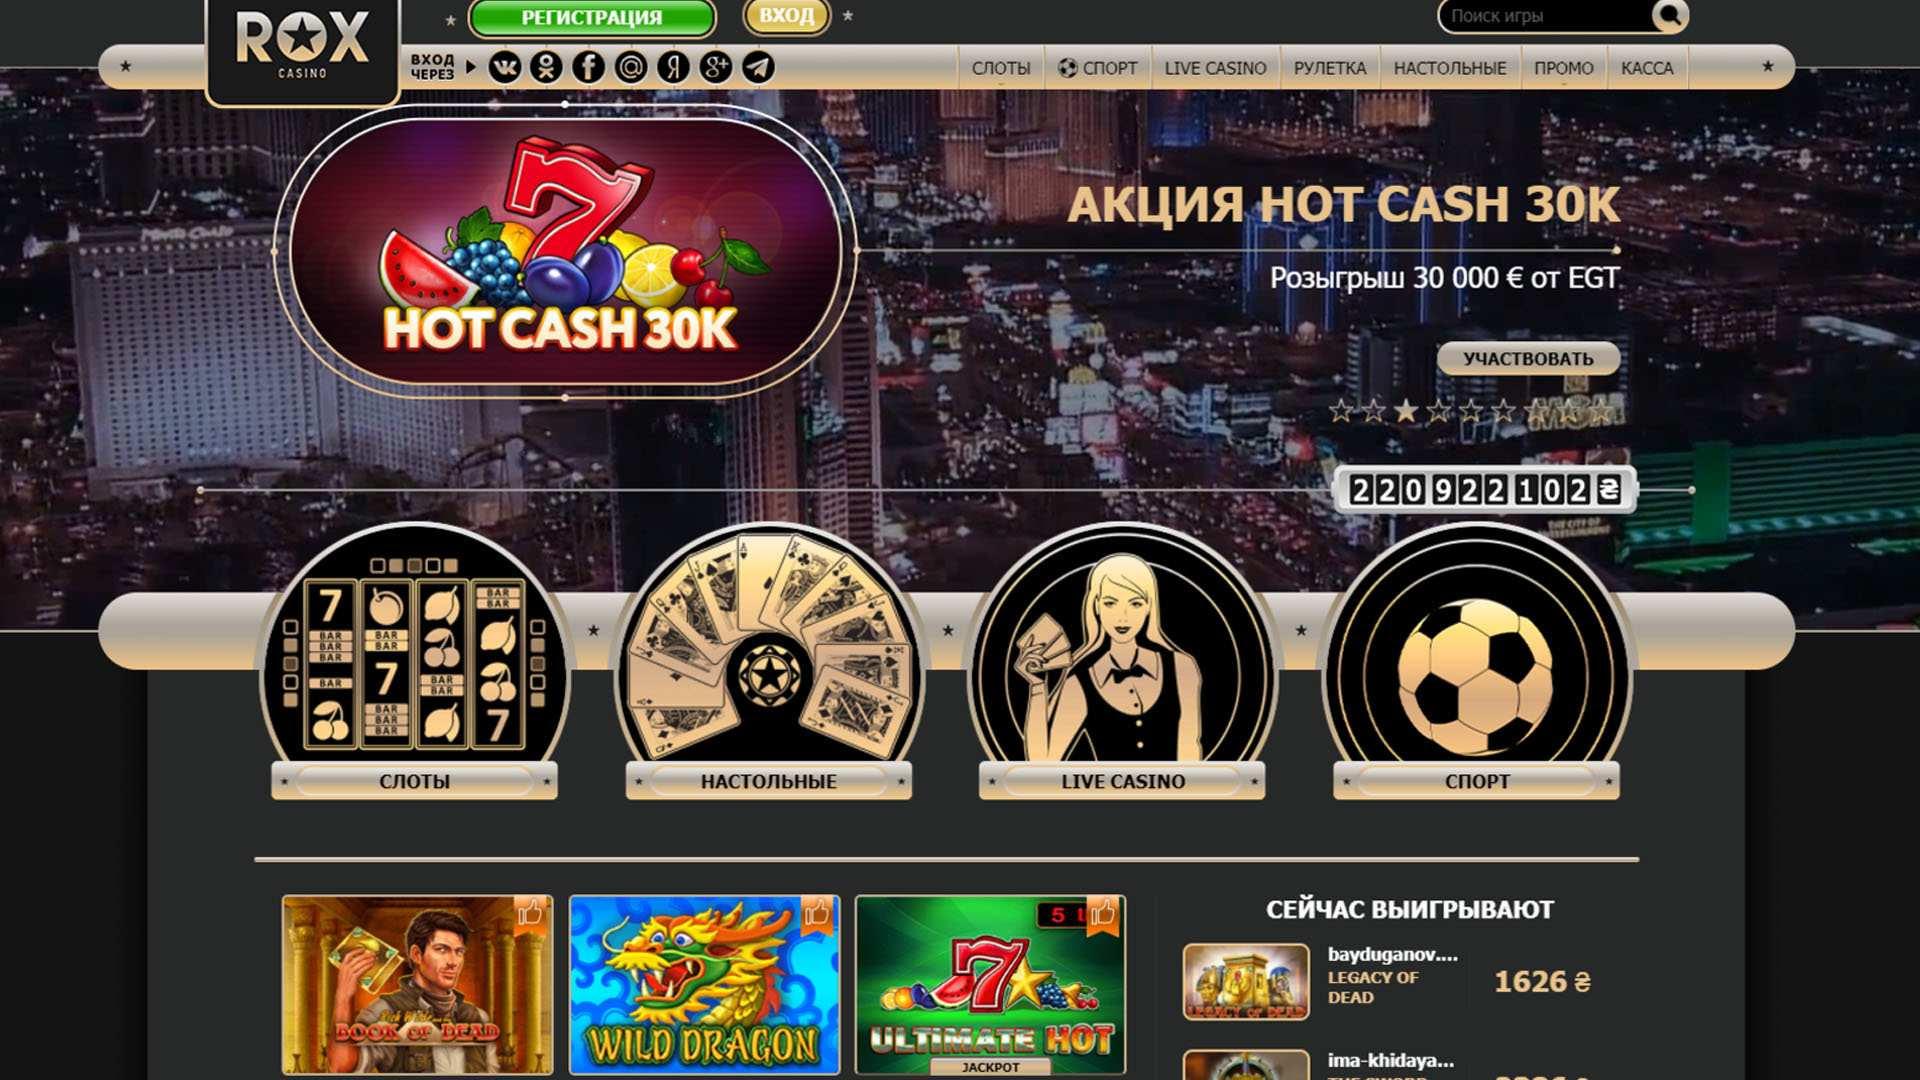 Рокс Казино (Rox Casino) официальный сайт играть онлайн: вход, зеркало